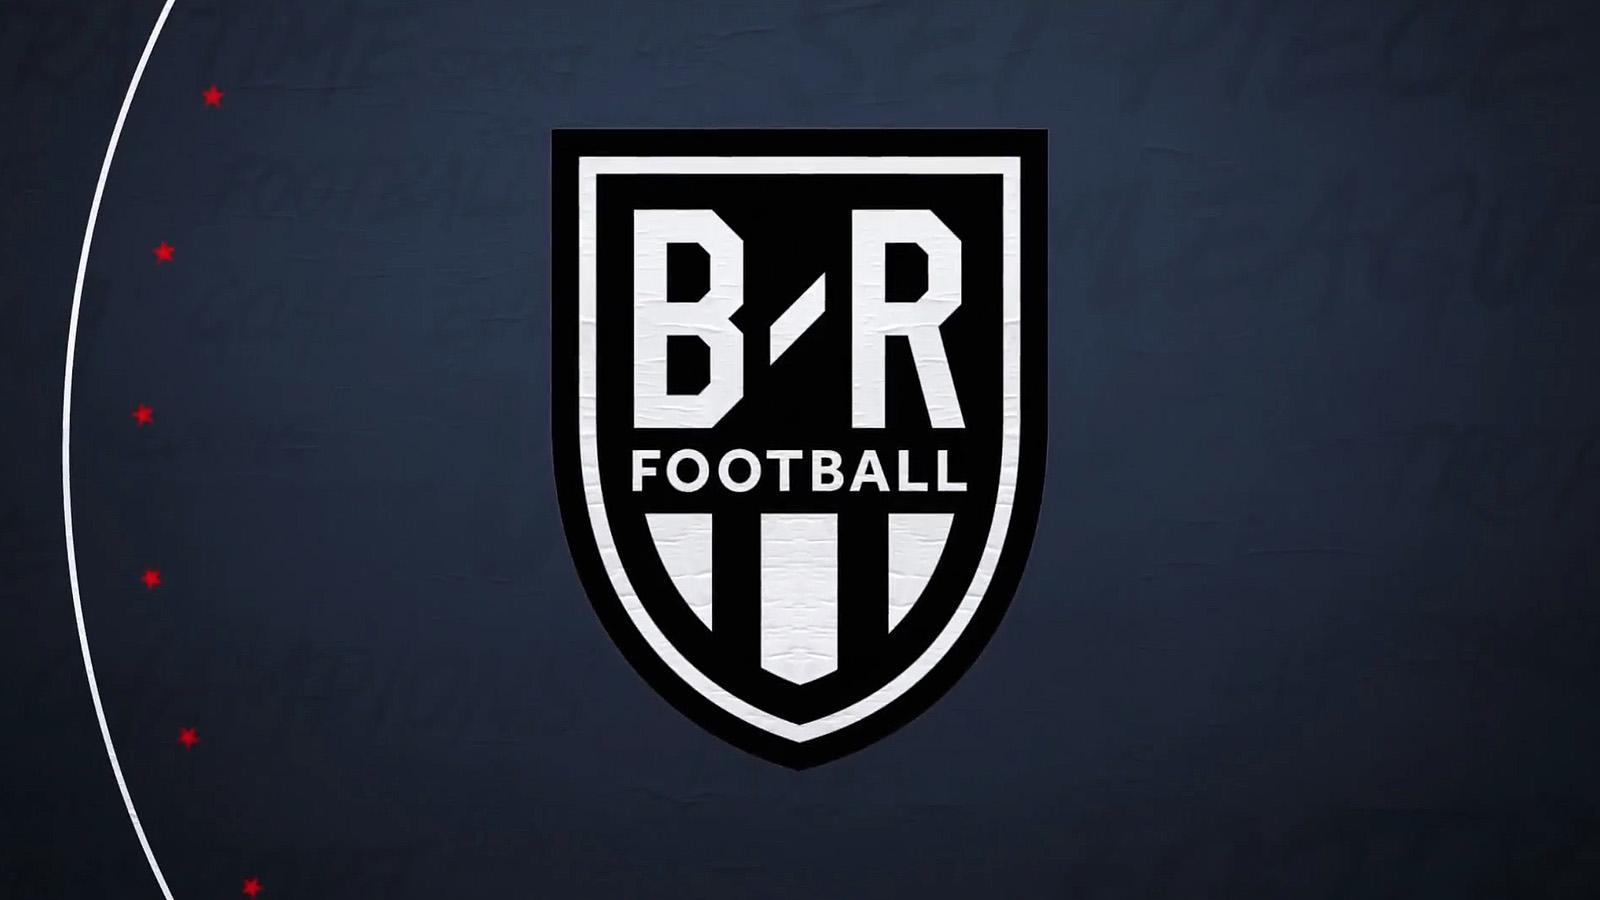 NCS_BR-Football-UEFA_Graphics-00021